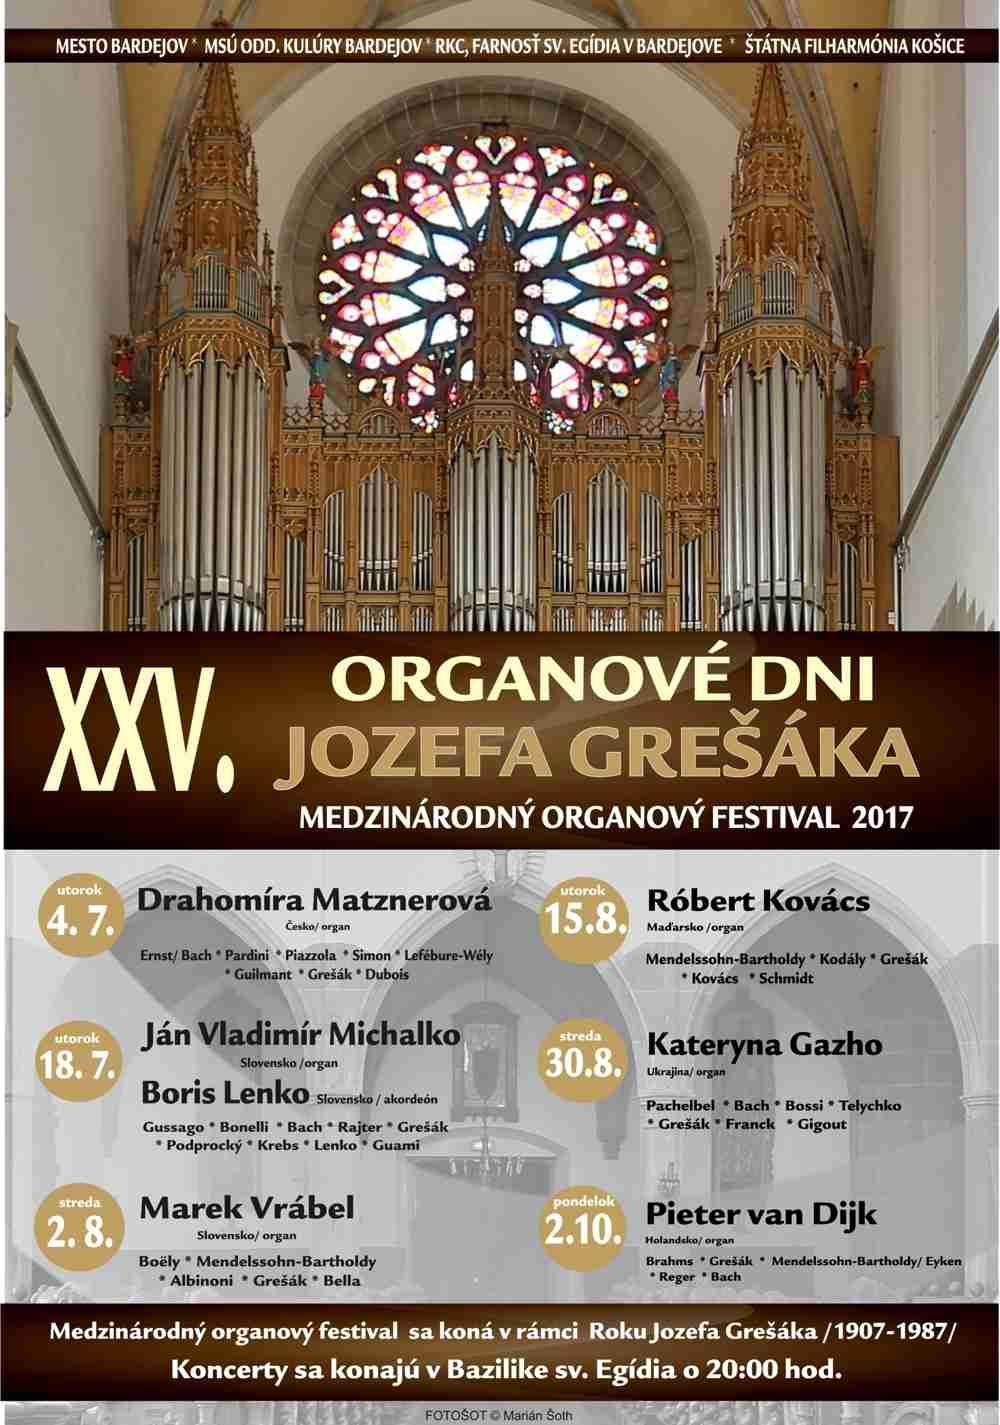 Jubilejný 25. ročník organových dní Jozefa Grešáka